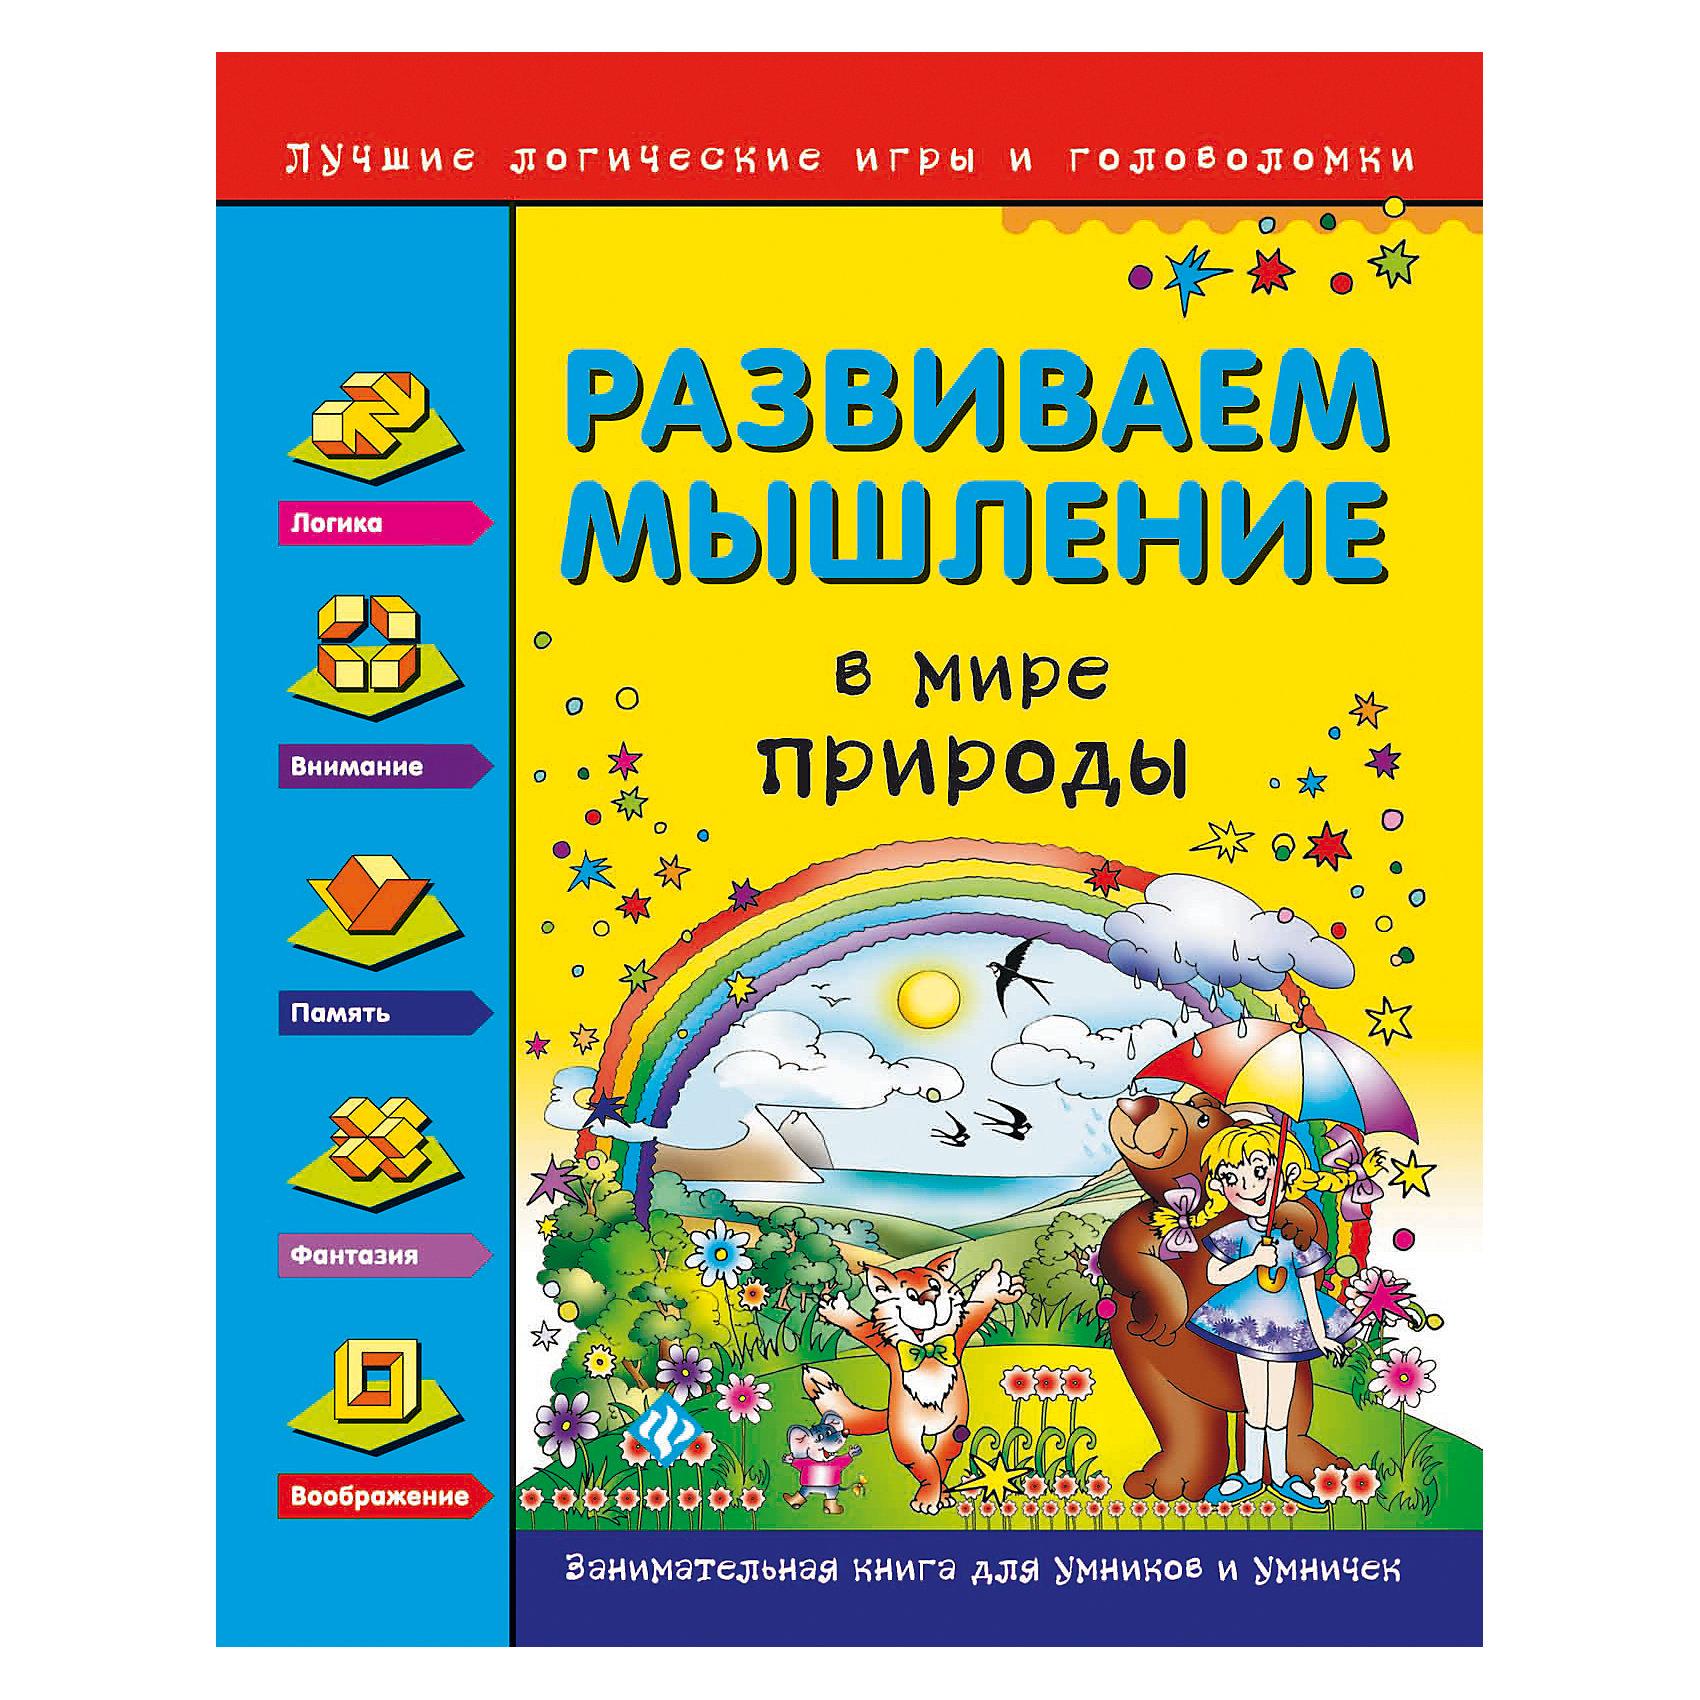 Развиваем мышление, В мире природыКниги для развития мышления<br>Сборник развивающих заданий Развиваем мышление, В мире природы созданный ведущими специалистами, предлагает учащимся начальной школы задания, которые помогут развить нестандартное мышление и способность решать самые разнообразные задачи. Занимаясь по<br>книге, юный ученик будет совершенствовать навыки чтения и счёта, развивать речь и воображение, учиться рассуждать, понимать и решать нескучные задания. В книге использован один из основных принципов современной педагогики - обучение в процессе игры. Задачки и<br>головоломки на тему природы и окружающего мира - разноуровневые, выполнение заданий - добровольное. Для младшего школьного возраста.<br><br><br>Дополнительная информация:<br><br>- Автор: Н. И. Гордиенко, С. А. Гордиенко.<br>- Серия: Лучшие логические игры и головоломки.<br>- Обложка: мягкая.<br>- Иллюстрации: цветные.<br>- Объем: 64 стр.<br>- Размер: 26 x 0,5 x 20,6 см.<br>- Вес: 168 гр.<br><br>Книгу Развиваем мышление, В мире природы, Феникс-Премьер, можно купить в нашем интернет-магазине.<br><br>Ширина мм: 260<br>Глубина мм: 205<br>Высота мм: 3<br>Вес г: 1344<br>Возраст от месяцев: 24<br>Возраст до месяцев: 72<br>Пол: Унисекс<br>Возраст: Детский<br>SKU: 4771406